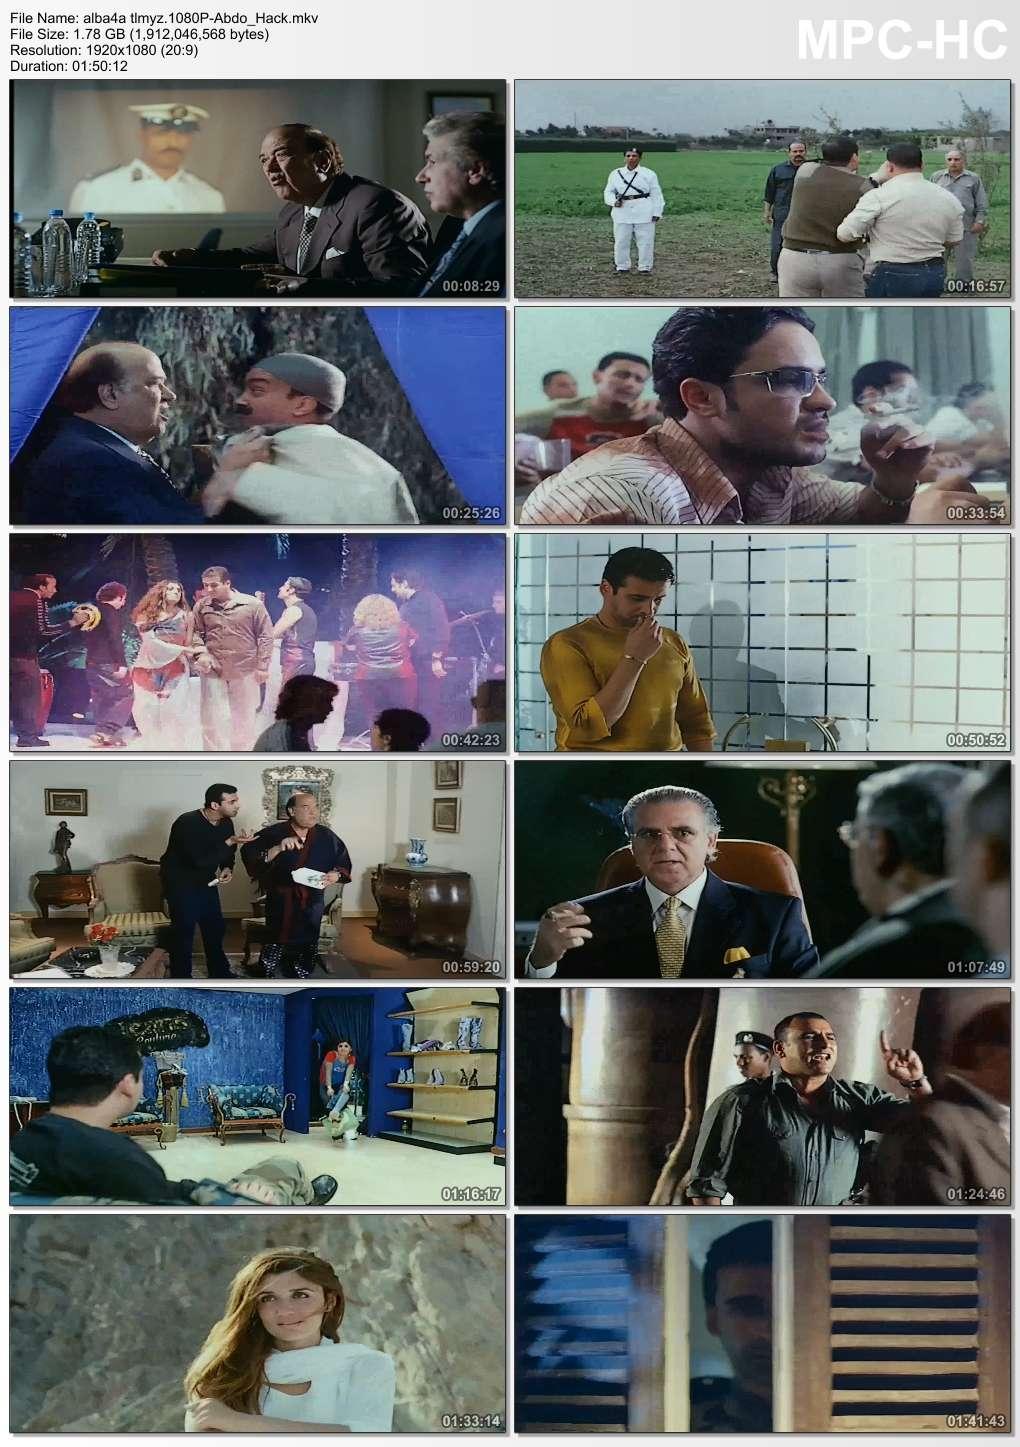 [فيلم][تورنت][تحميل][الباشا تلميذ][2004][1080p][Web-DL] 5 arabp2p.com